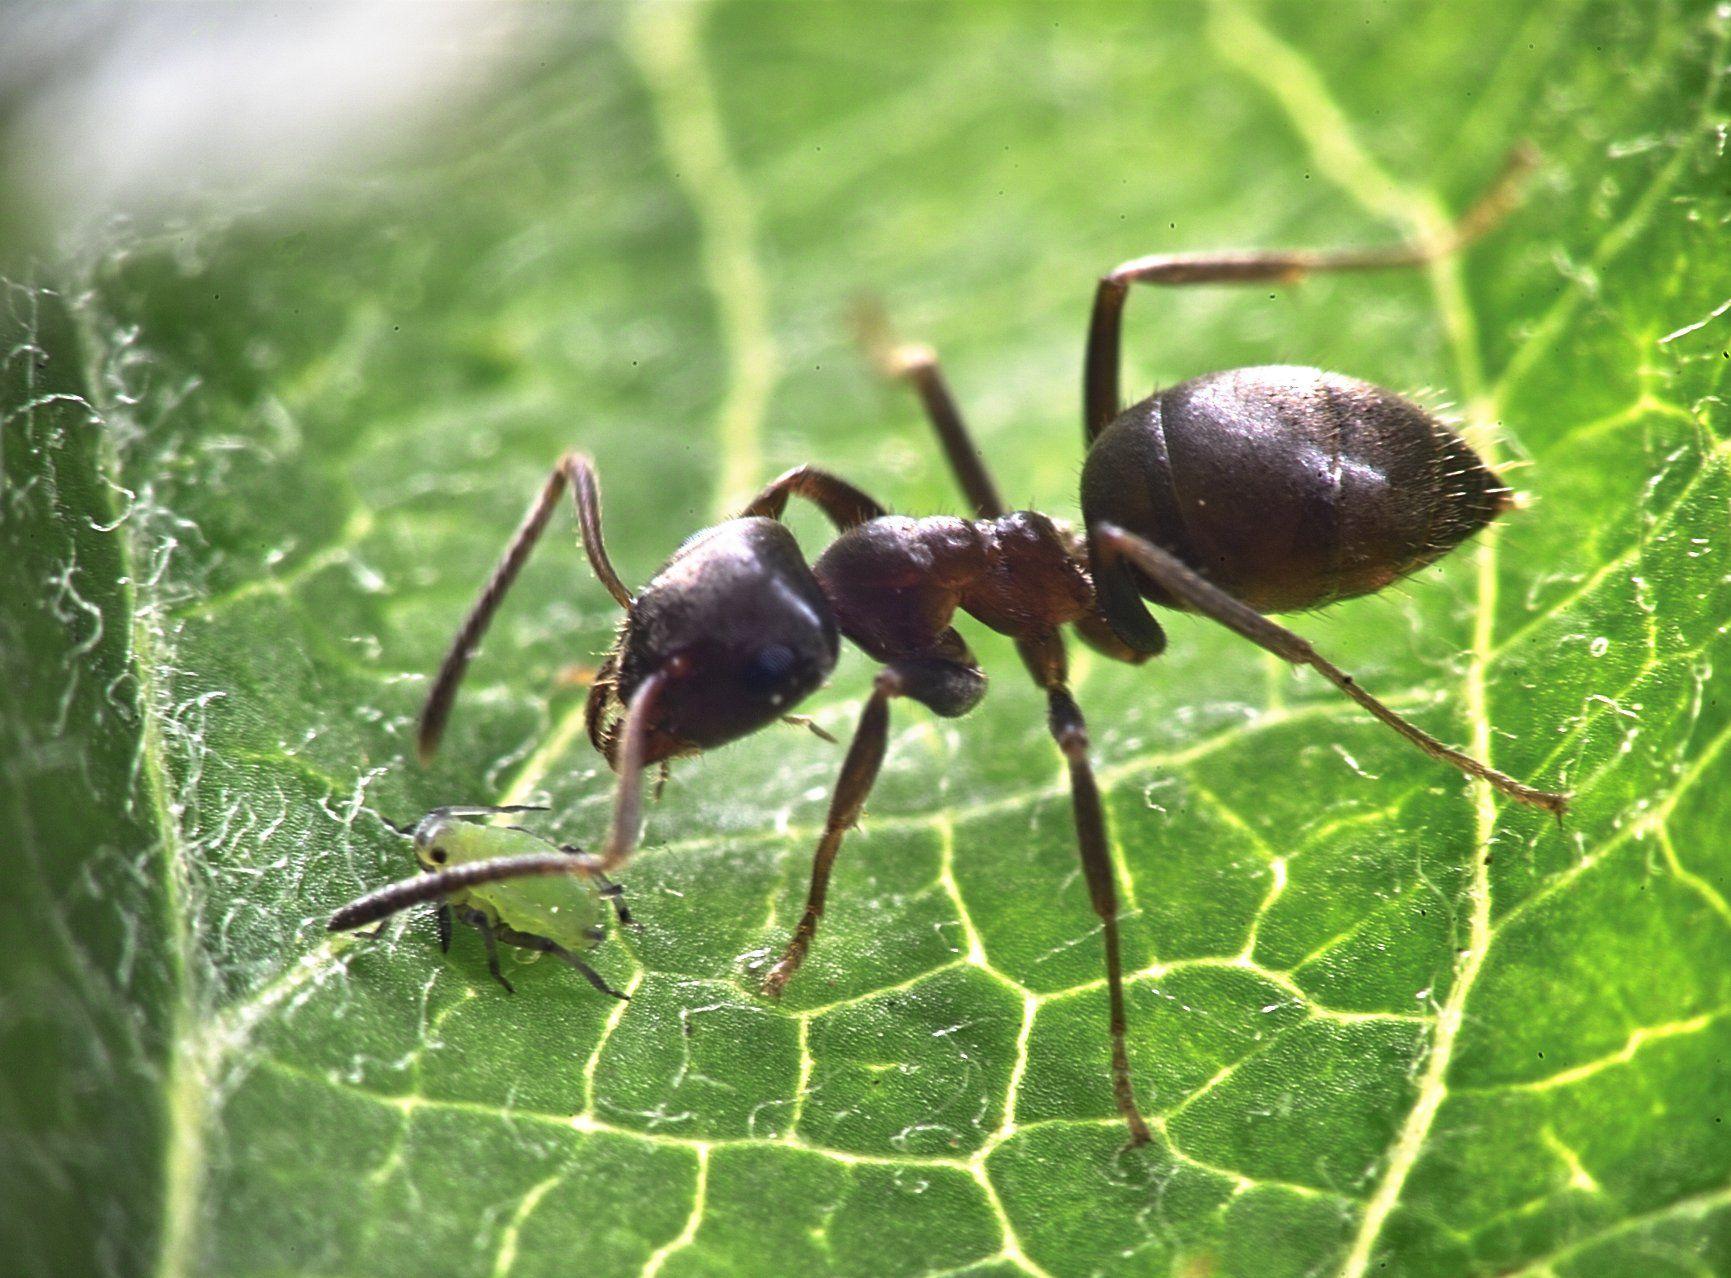 Astuces Naturelles Pour Se Débarrasser Des Fourmis Épinglé sur insectes